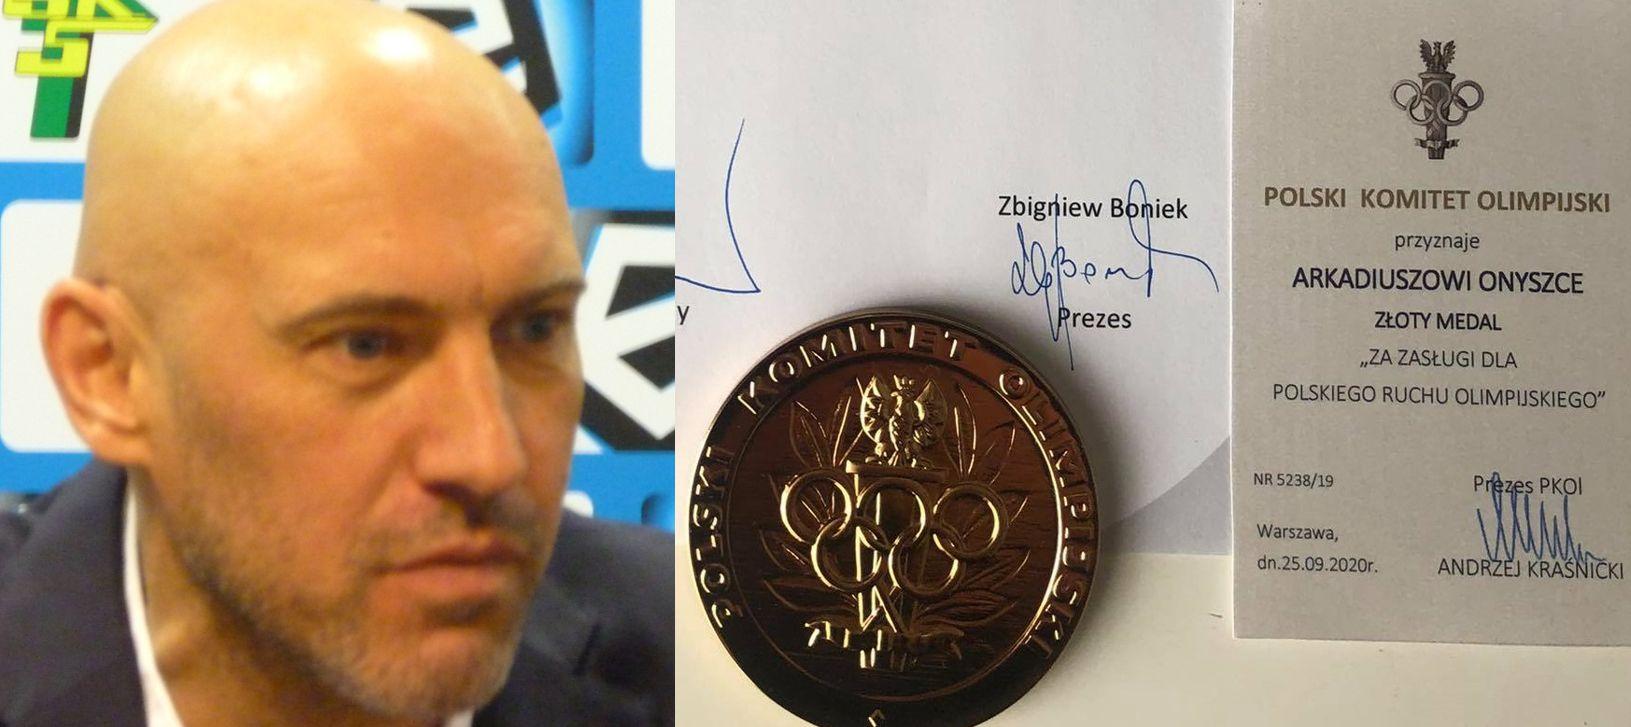 Powiatowy radny dostał medal od Komitetu Olimpijskiego - Zdjęcie główne